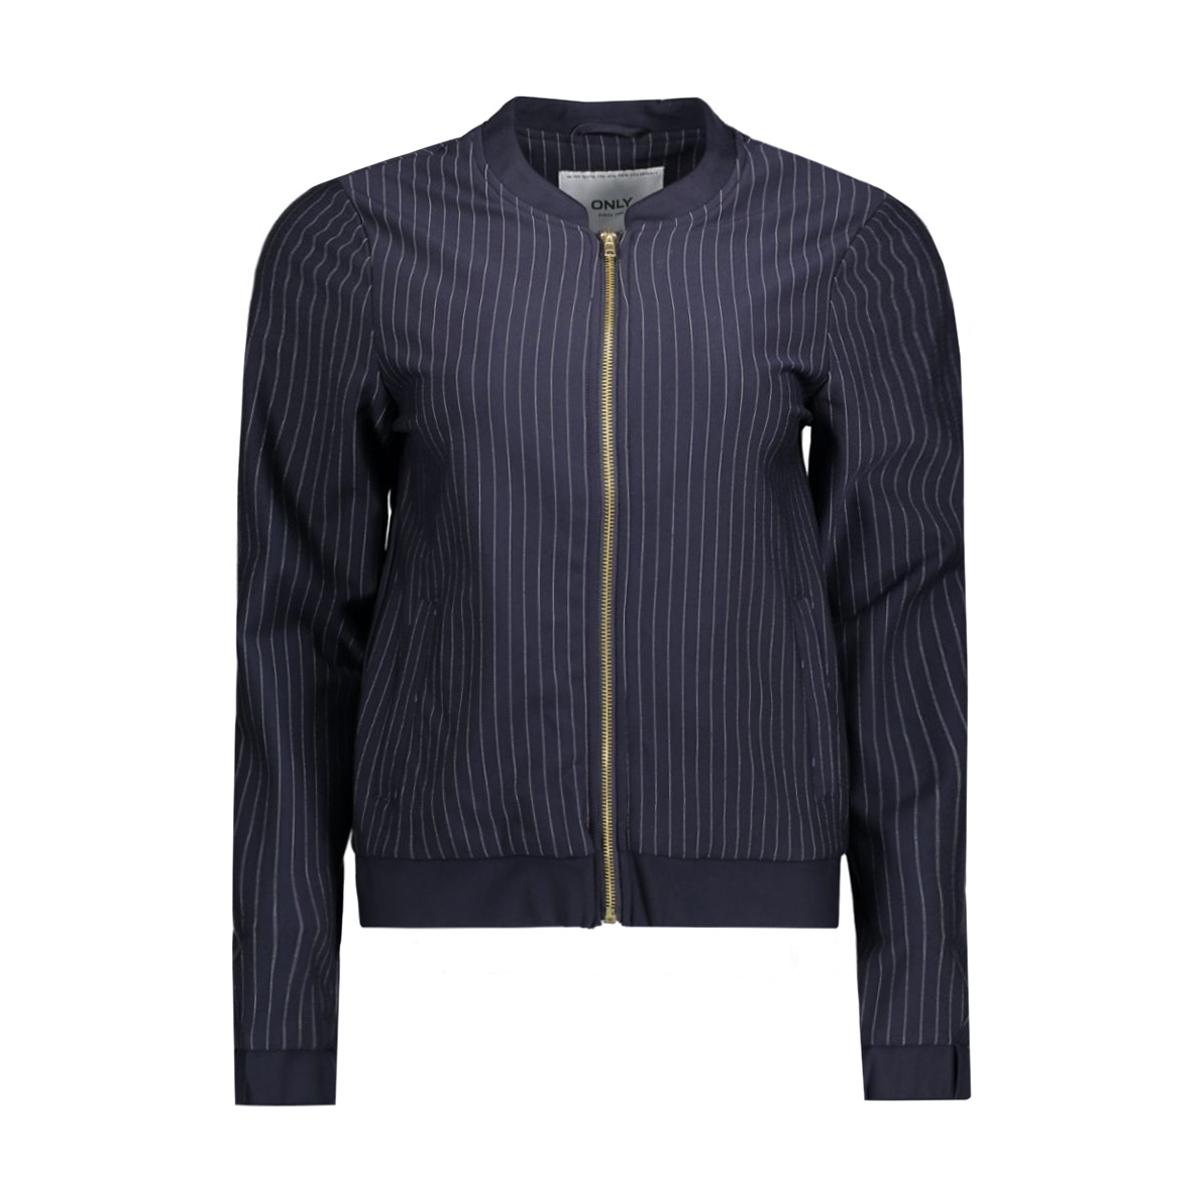 onlpenny stripe bomber jacket 15132050 only jas night sky